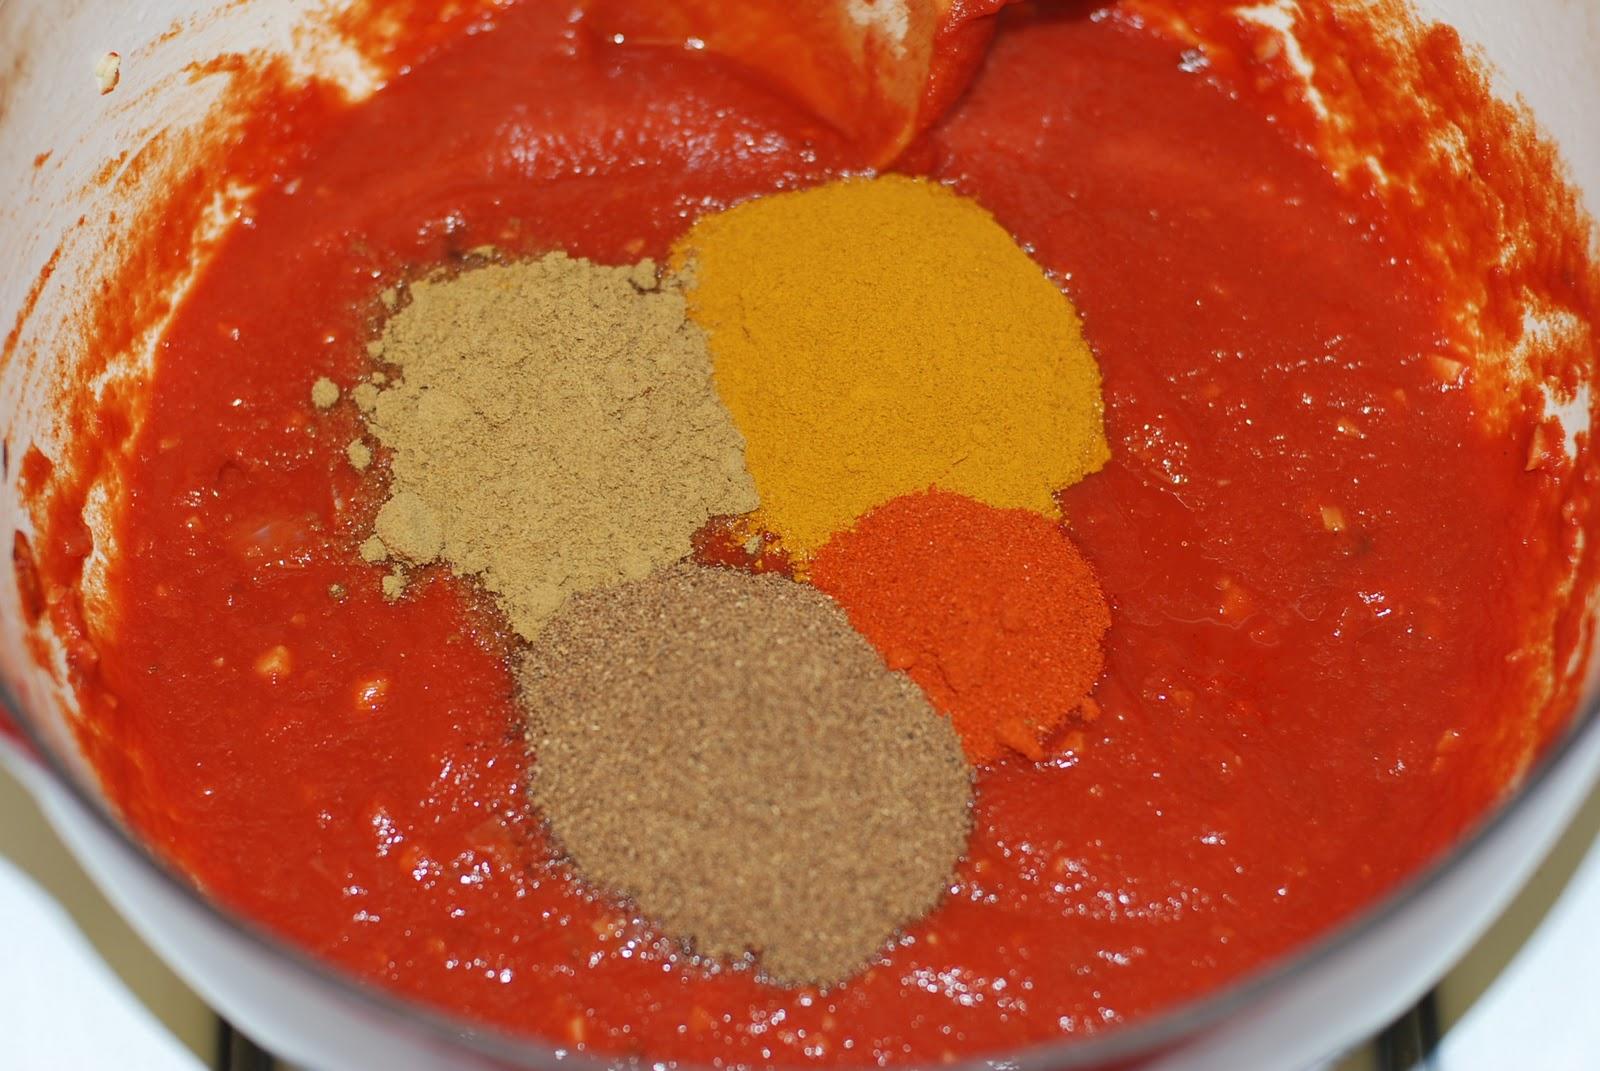 chicken tika masala speech robin Le poulet tikka masala (en hindi : चिकन टिक्का मसाला en anglais : chicken tikka masala) est un plat composé de morceaux de poulets cuits (poulet tikka) cuisinés dans une sauce de différents épices (n'incluant pas le curry.